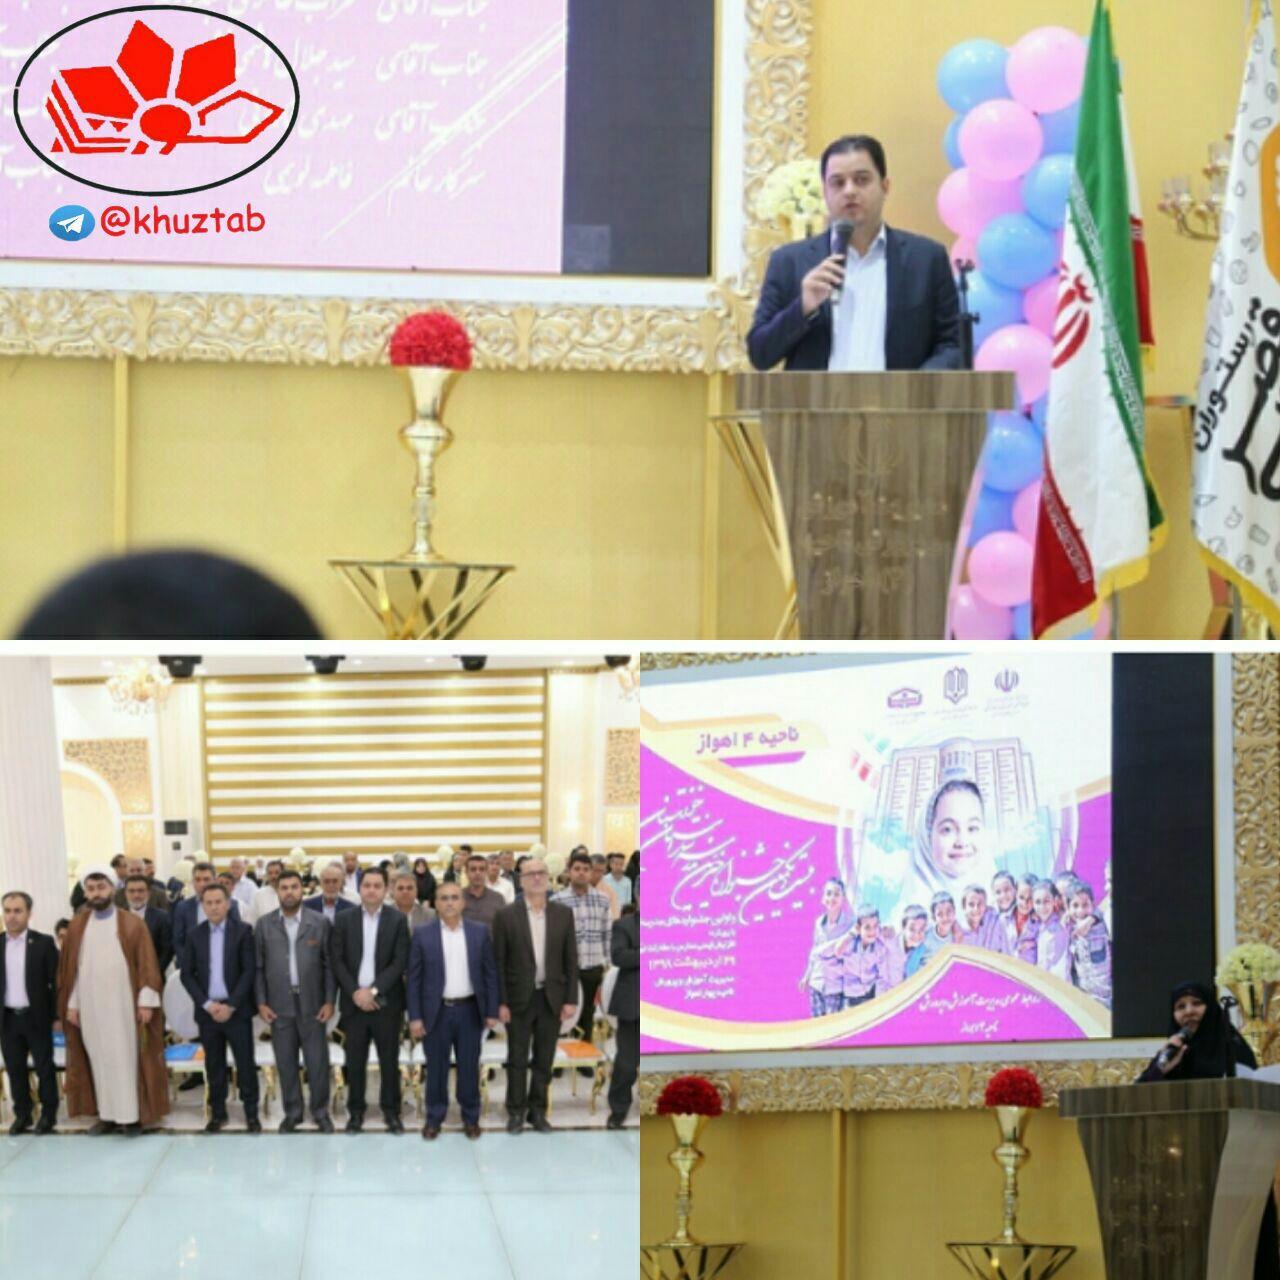 IMG 20190521 203023 618 بیست و یکمین جشنواره خیرین مدرسه ساز استان خوزستان در آموزش و پرورش ناحیه ۴ اهواز برگزار شد